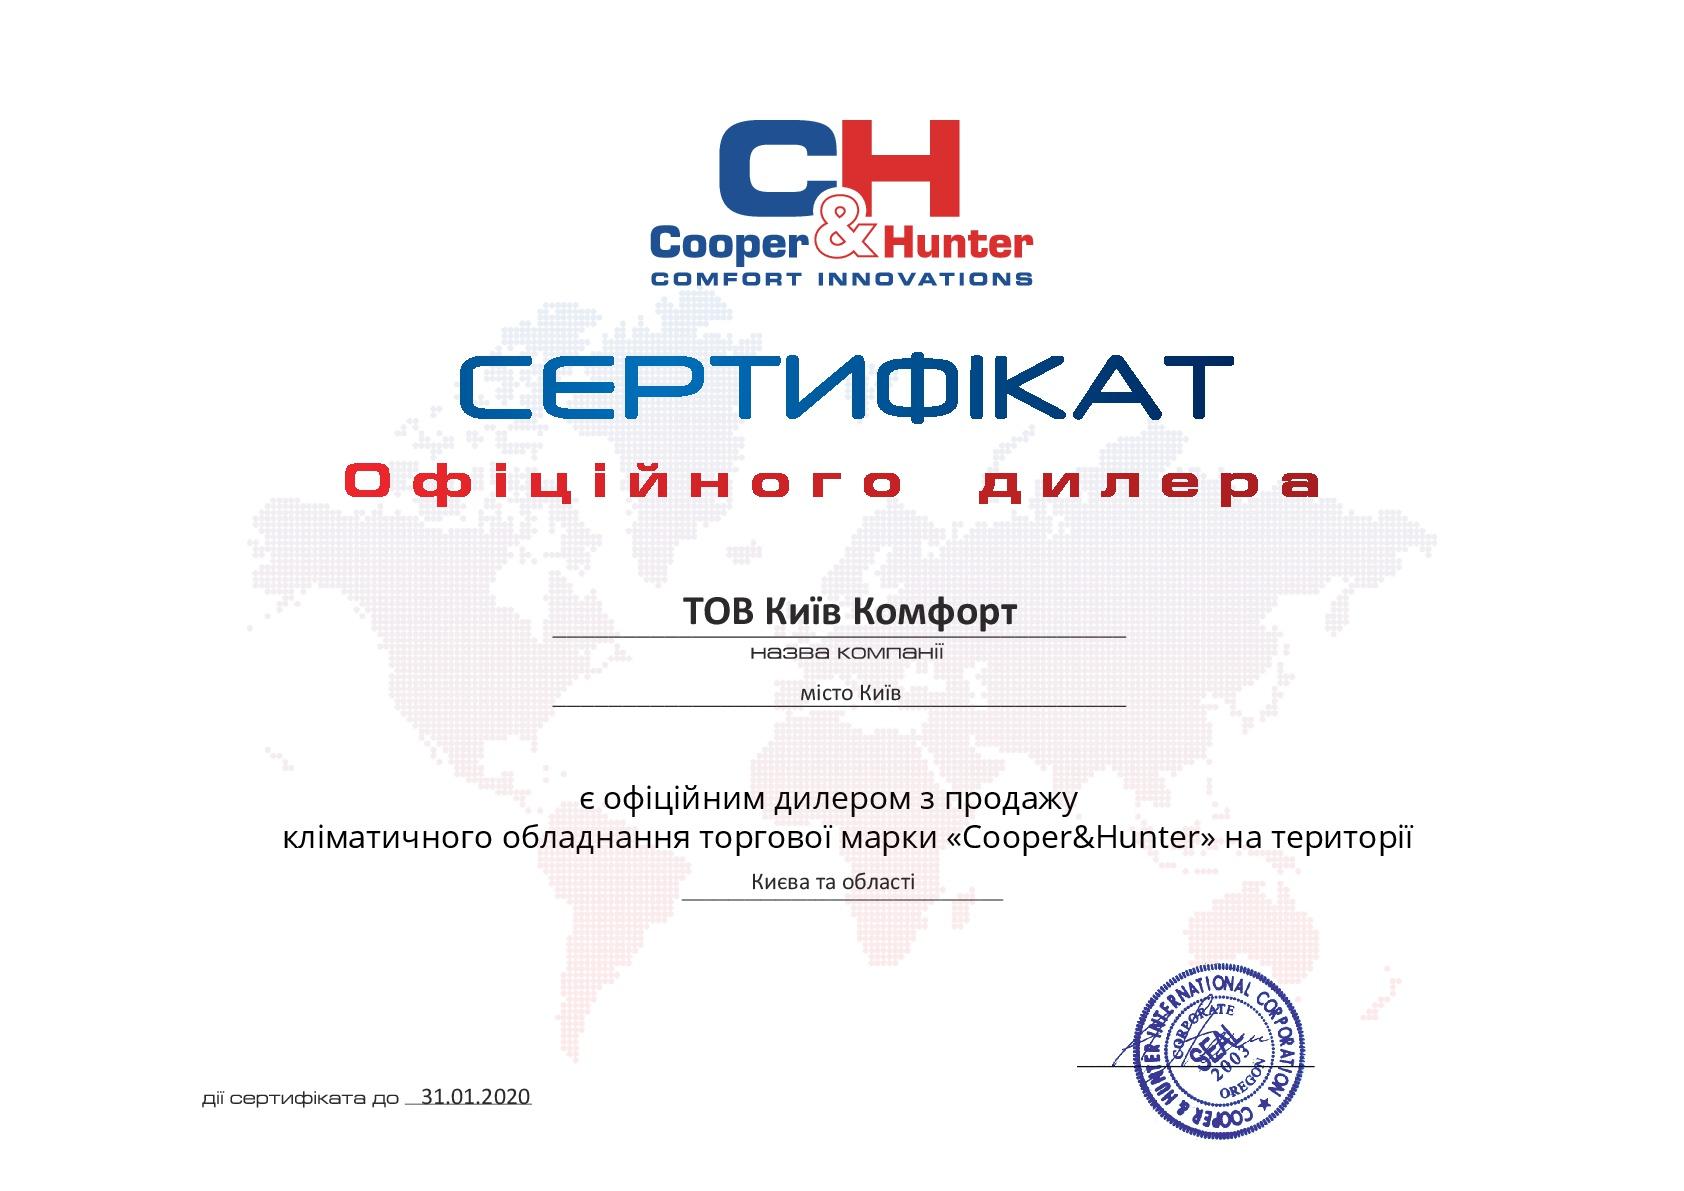 Сертификат официального диллера Cooper&Hunter 2019